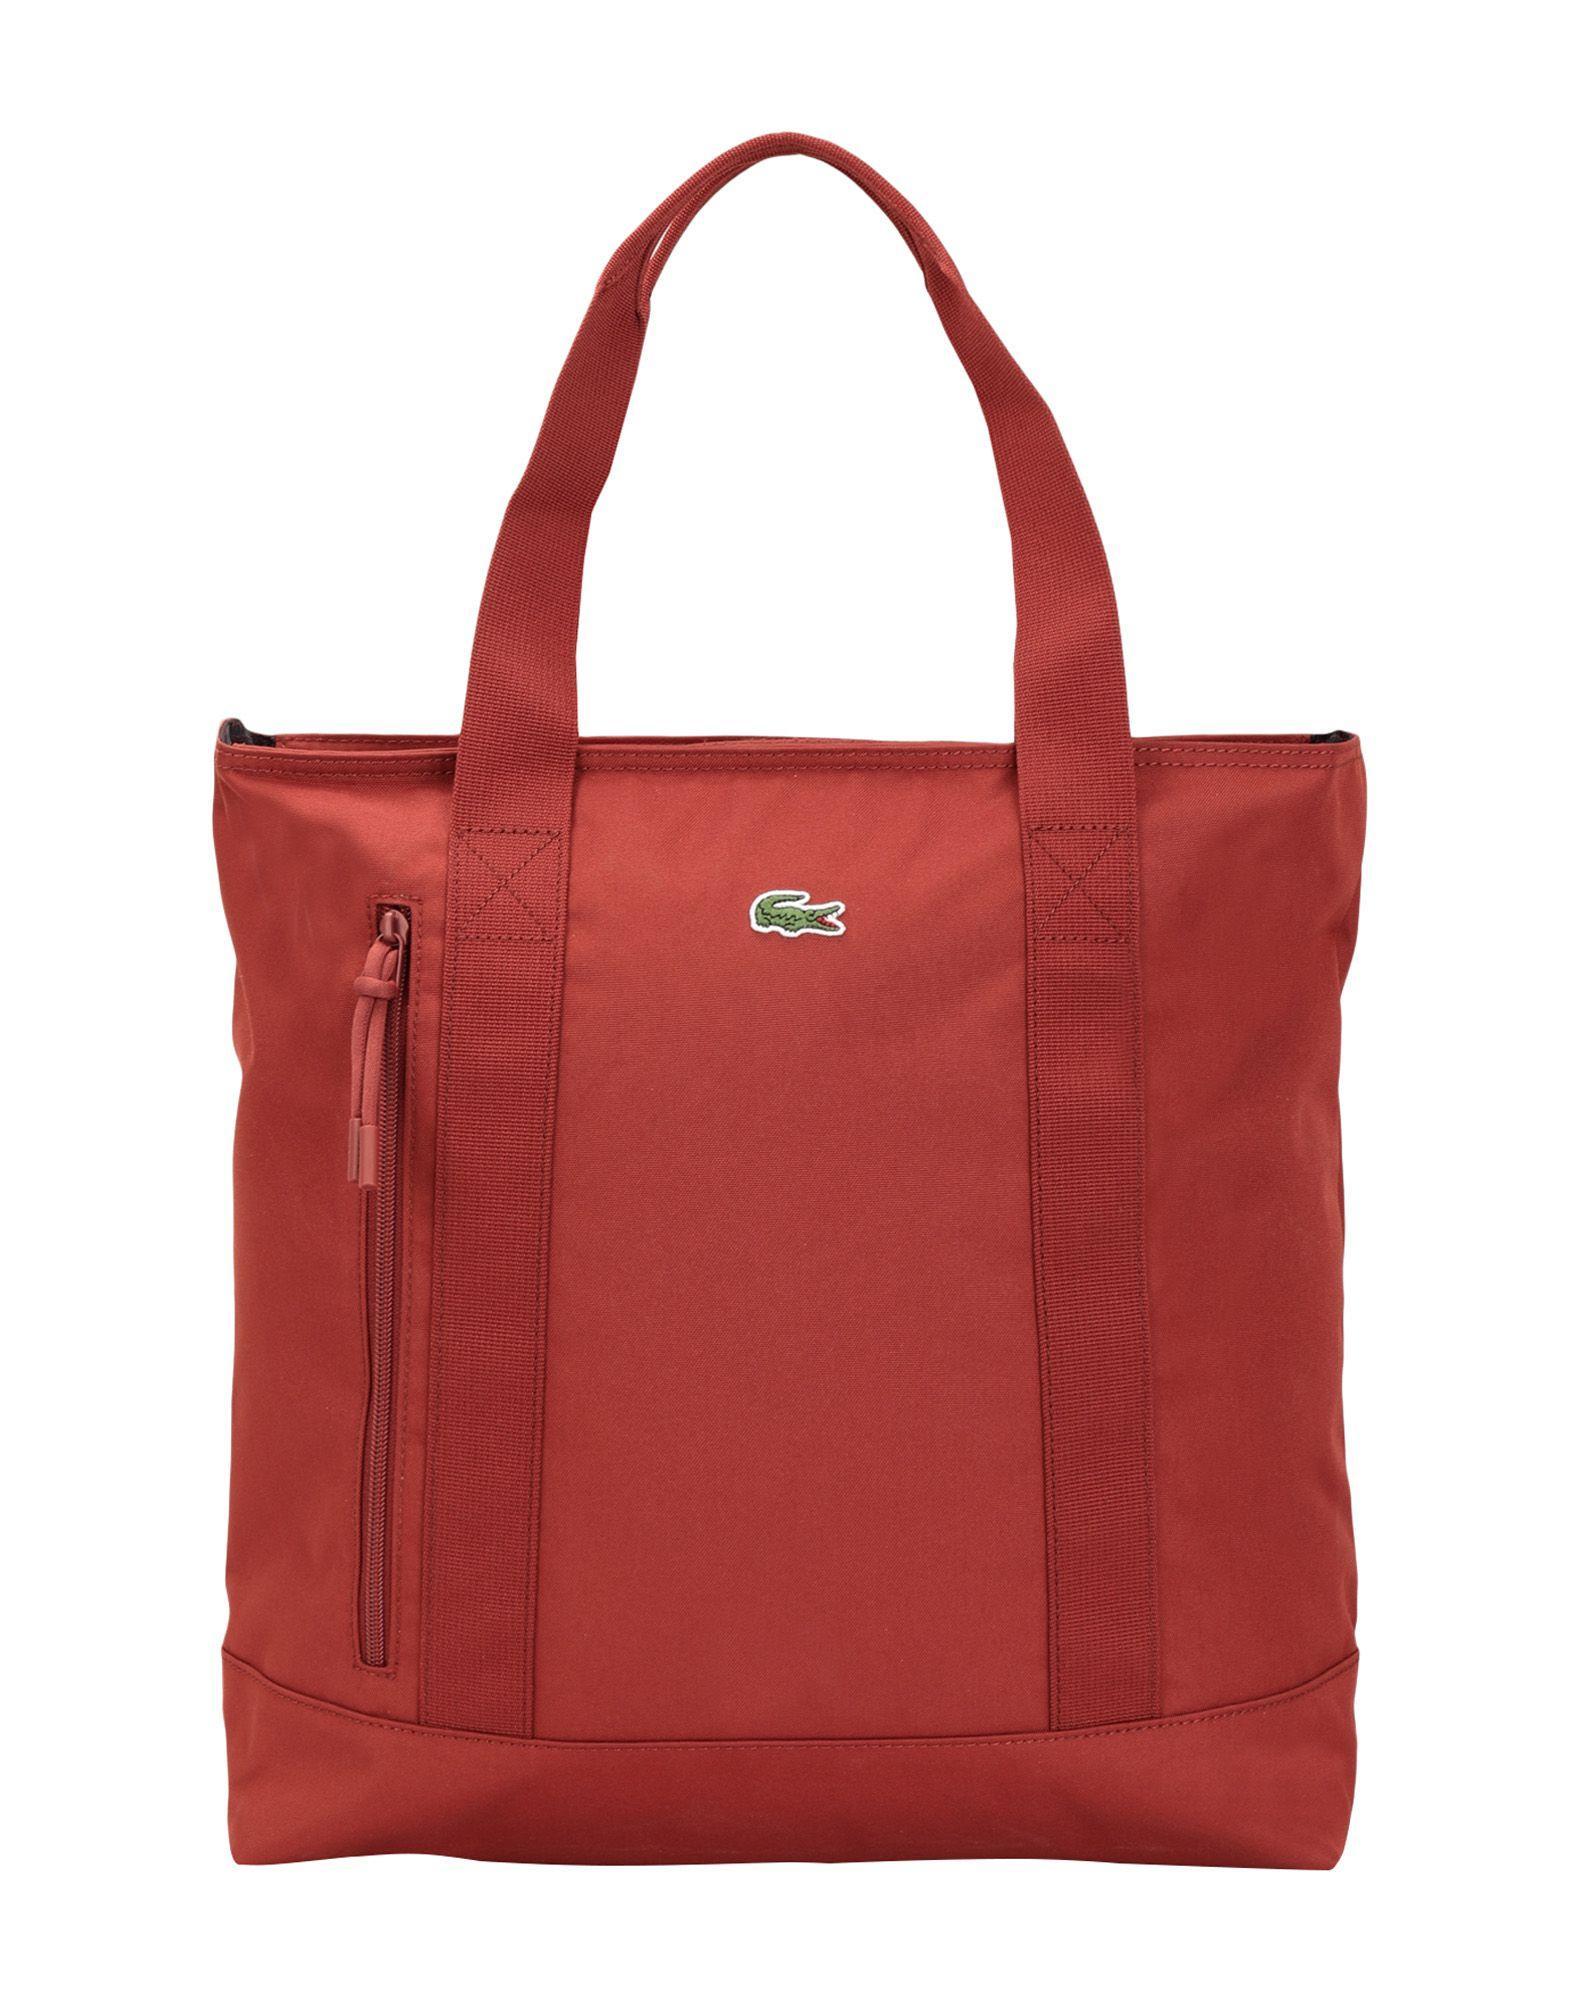 5a1175bbd Bolso de mano Lacoste de hombre de color Rojo - Lyst